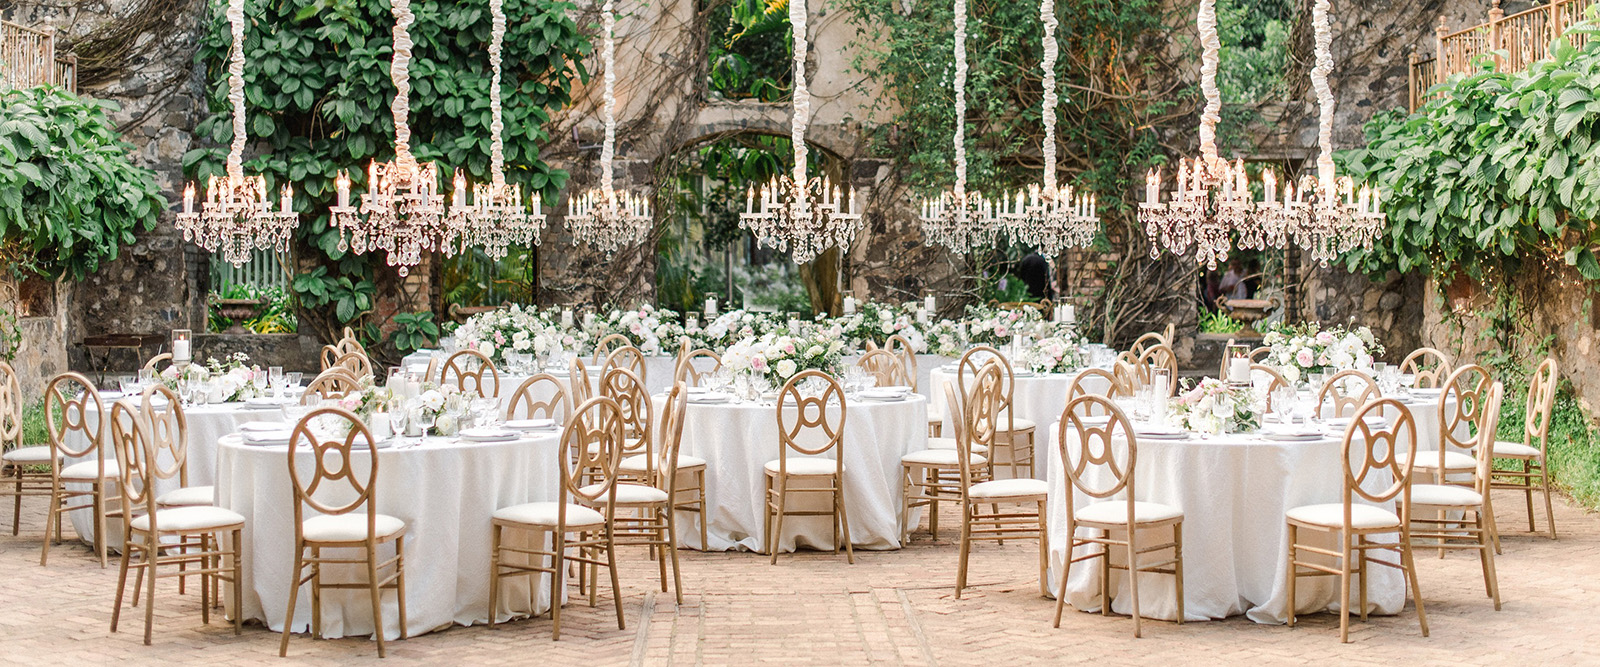 Maui's Angels Wedding Planners Team Photo   Maui Wedding Planners   Maui's Angels